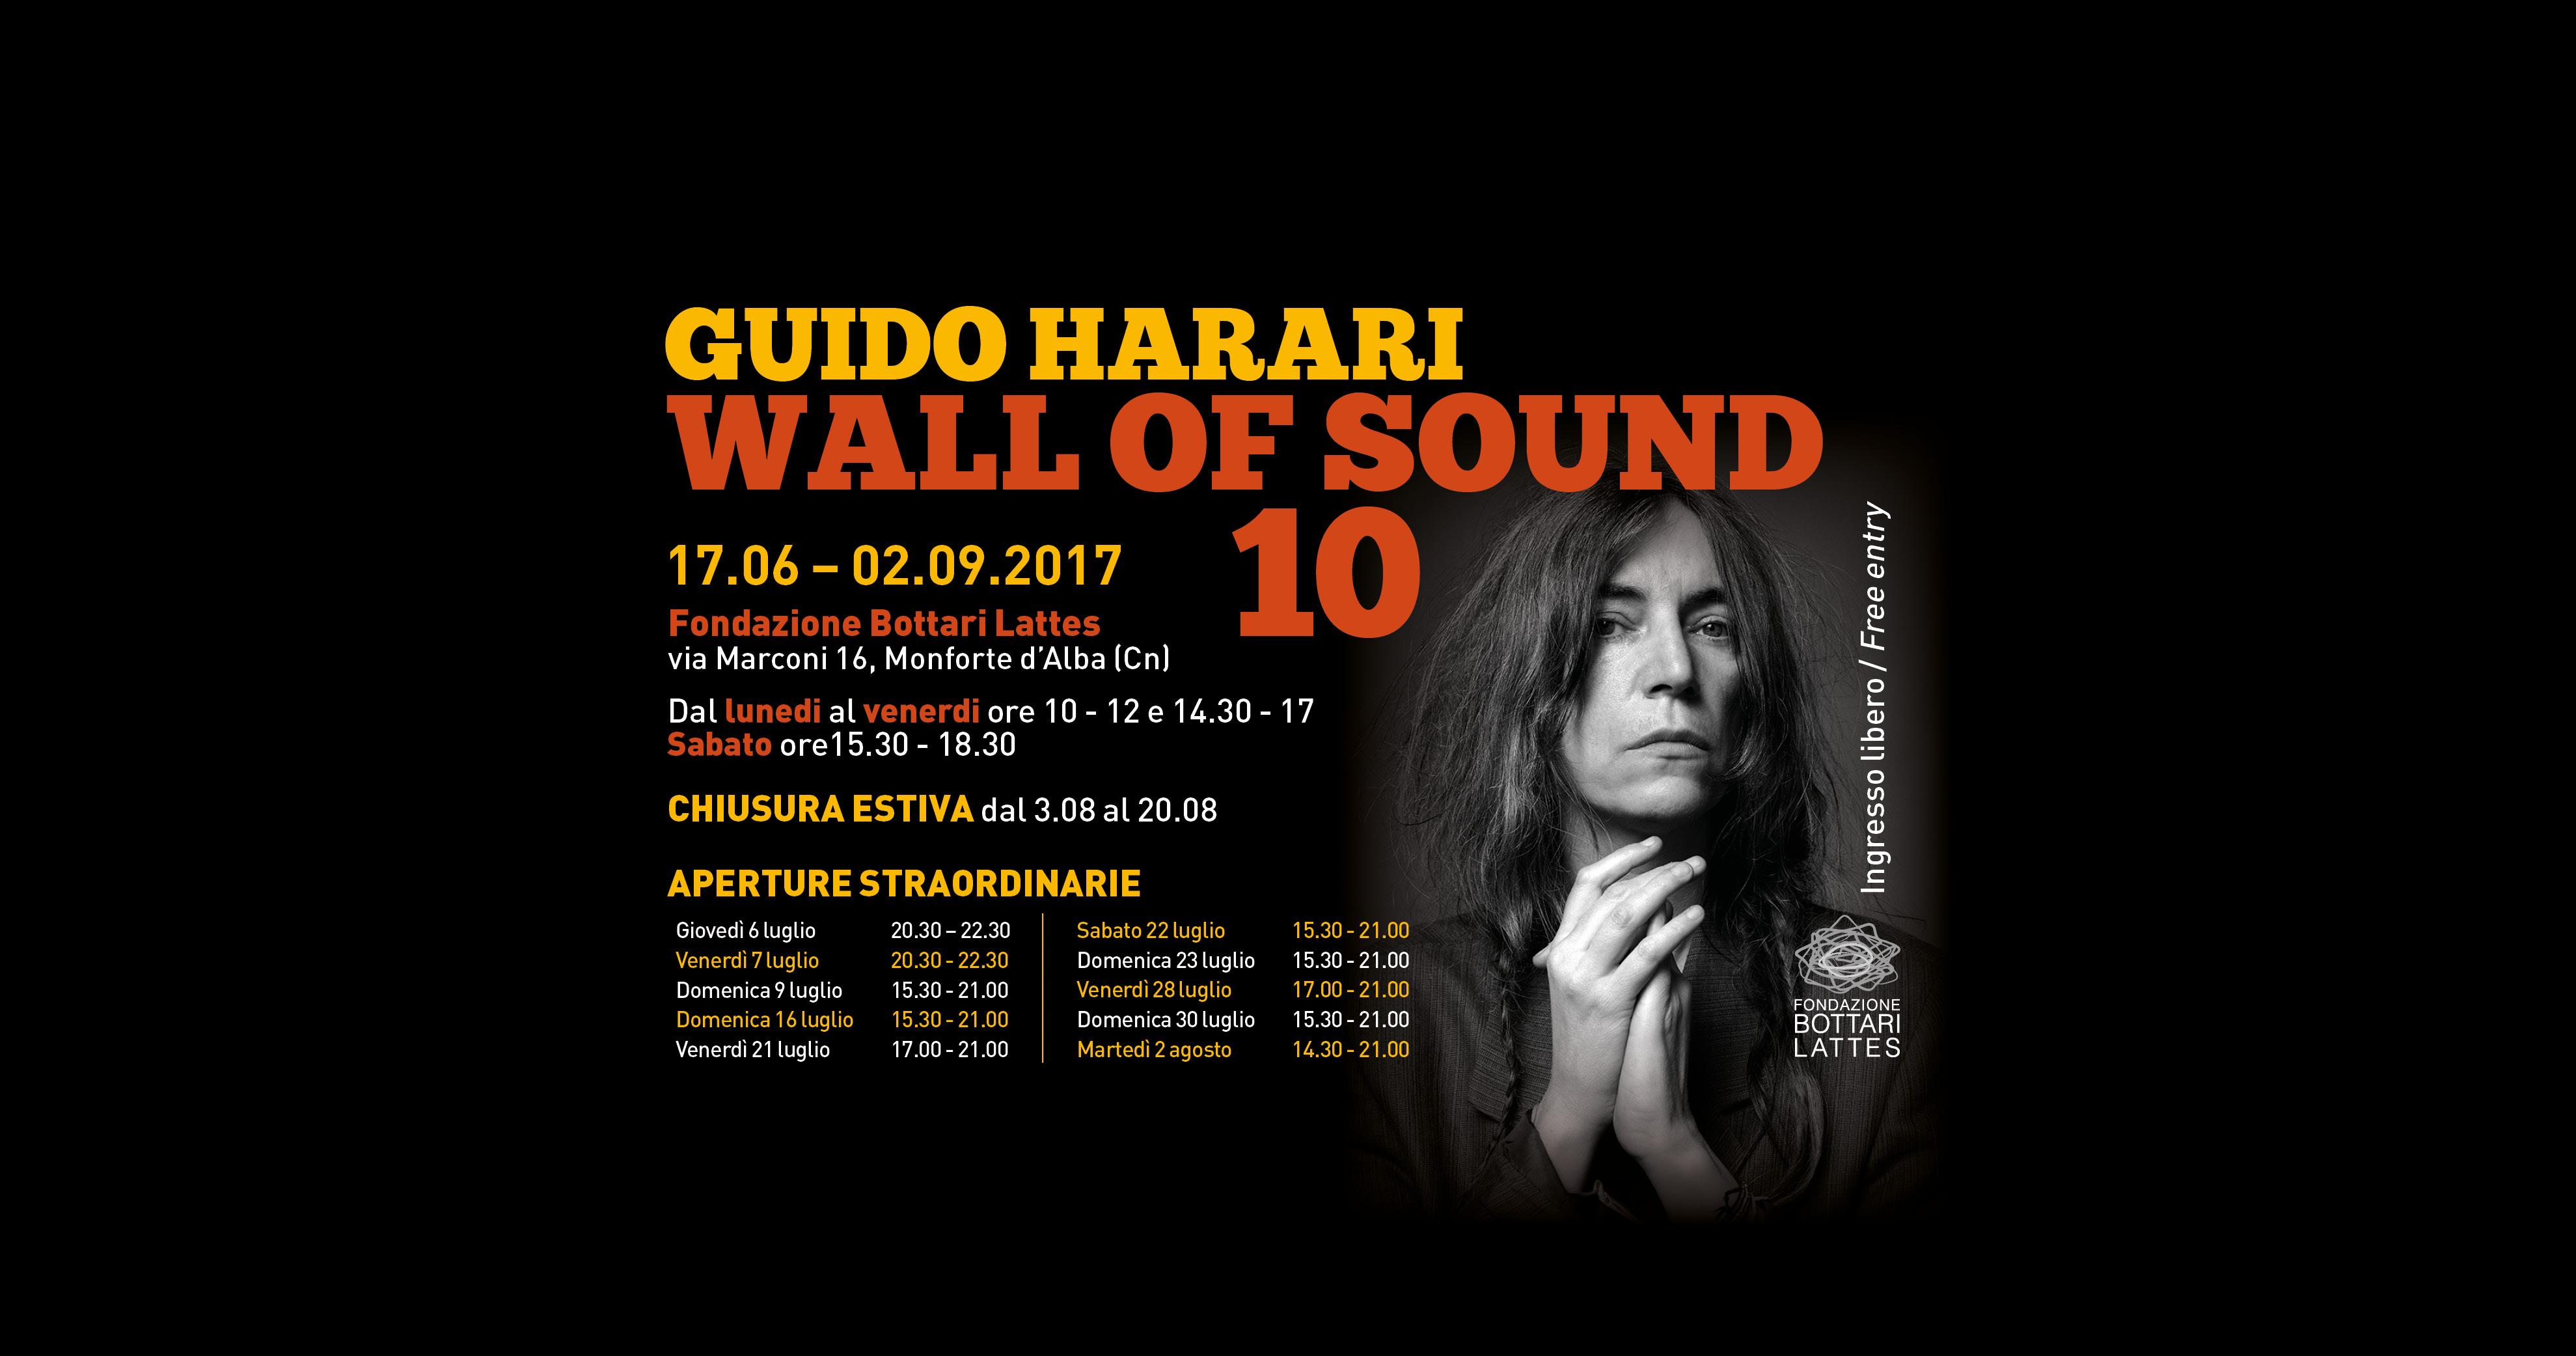 Oltre 2.000 visitatori alla mostra di Guido Harari